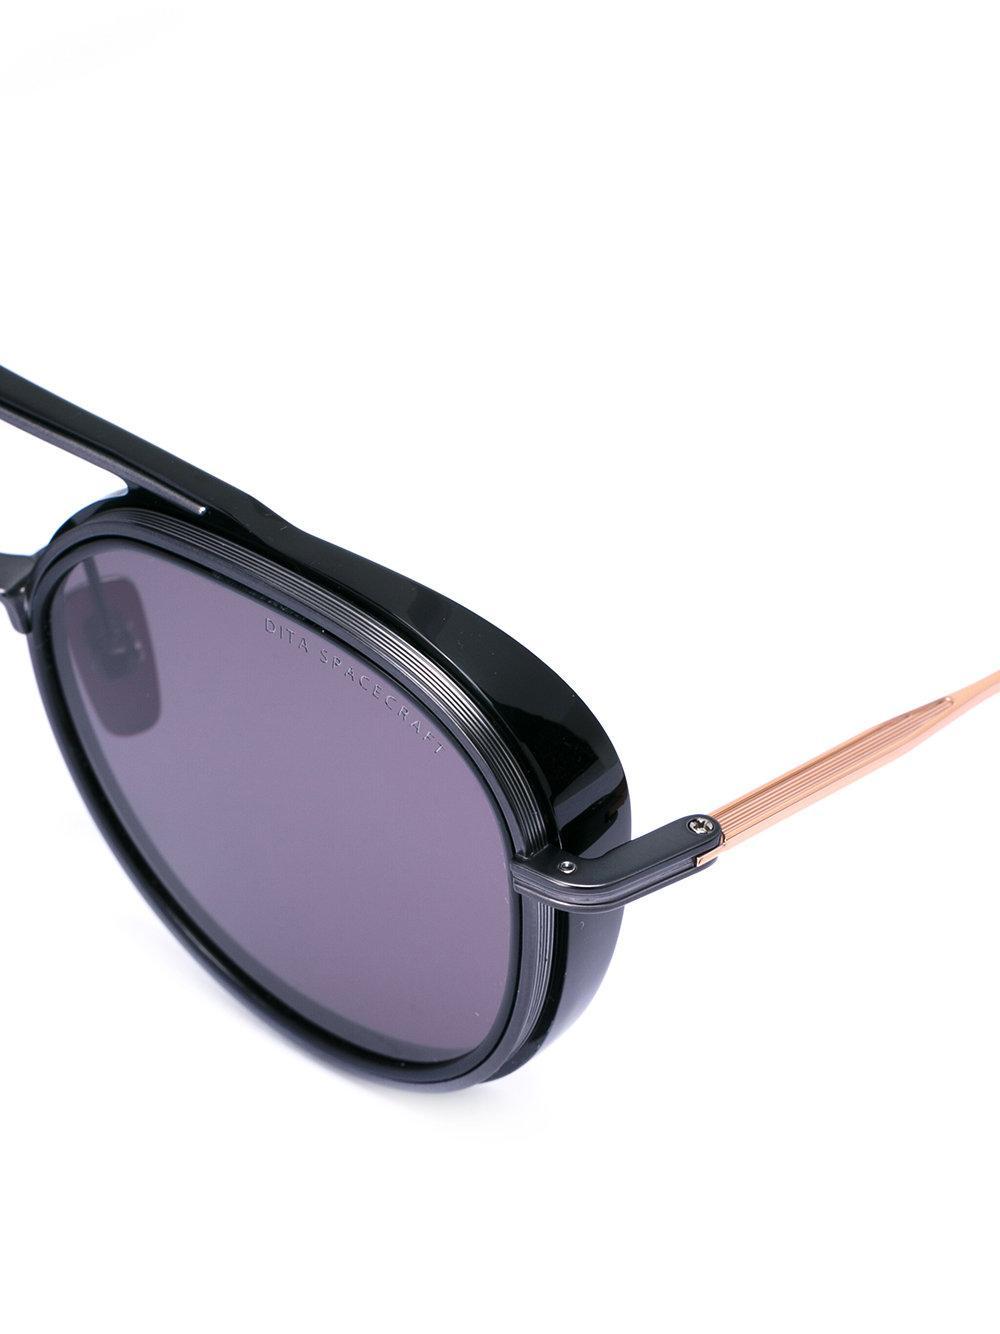 0d16651d045d Dita Eyewear For Women